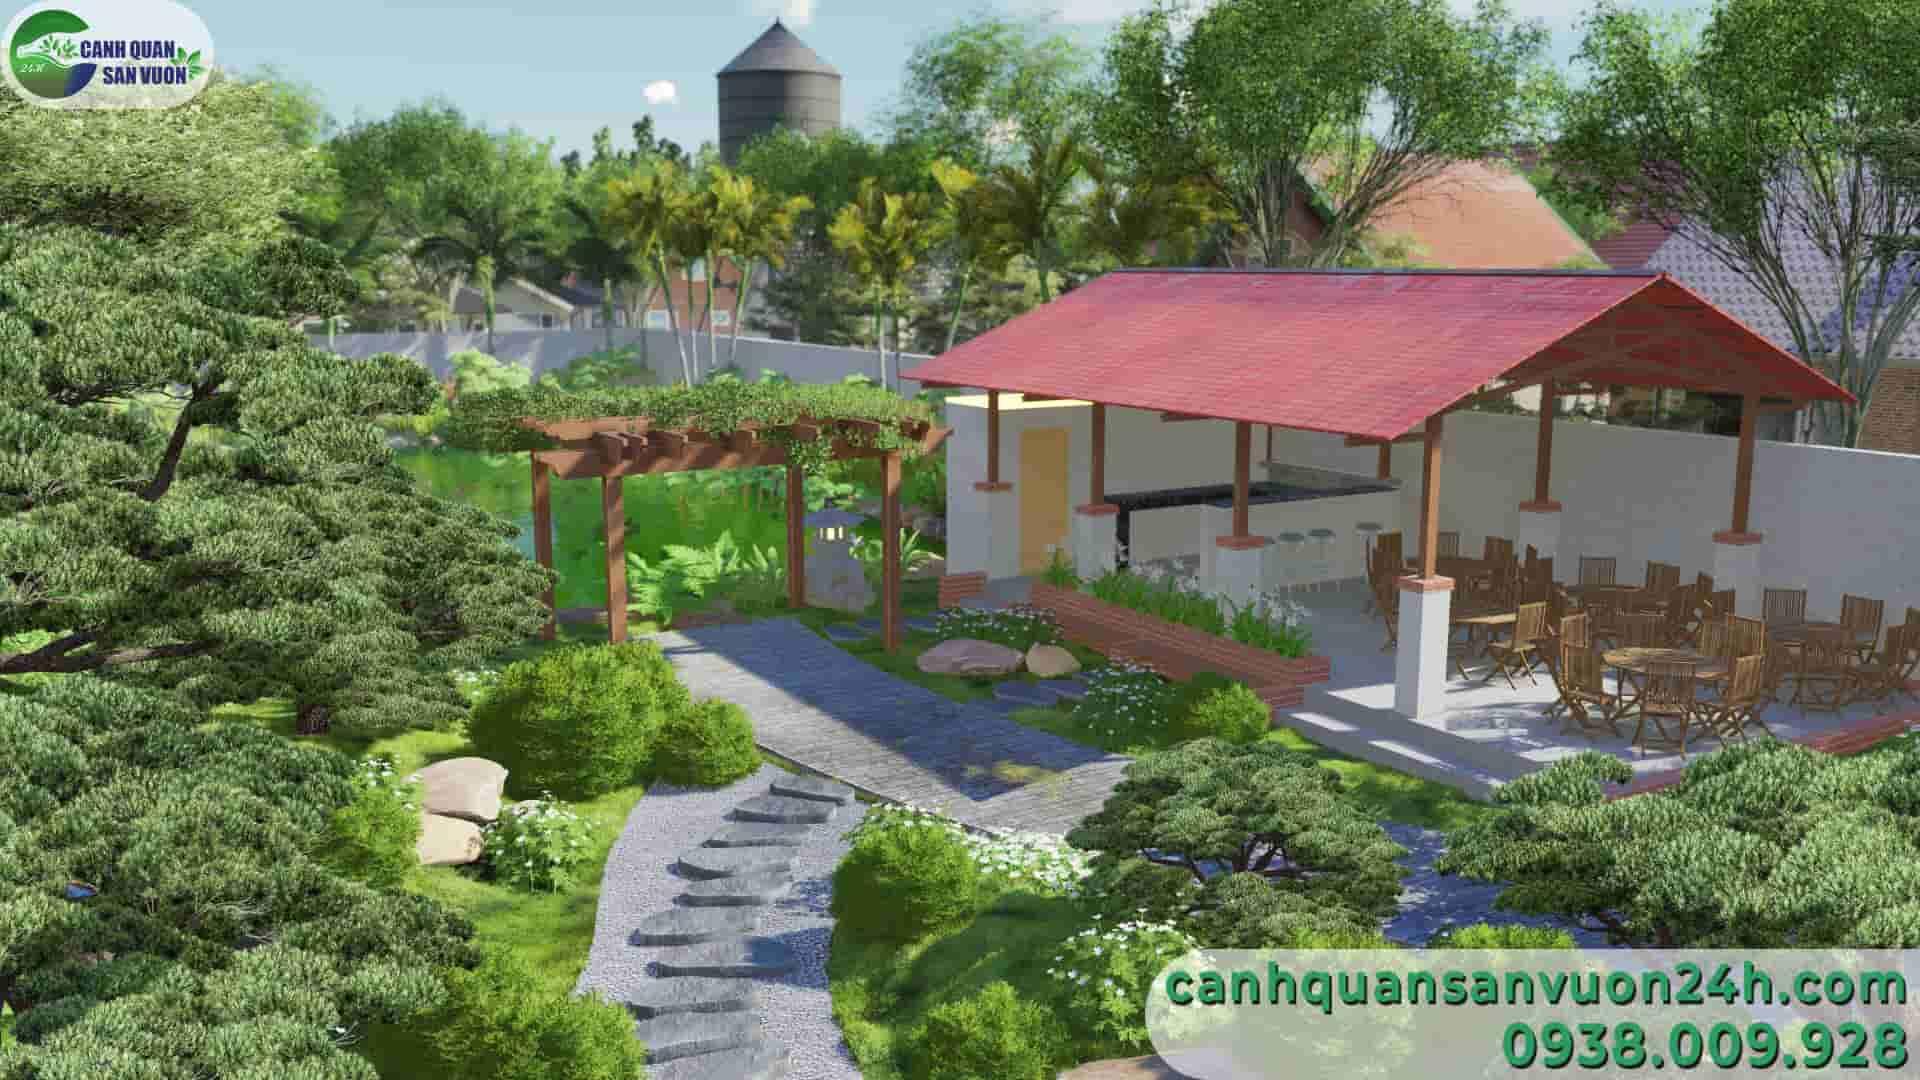 góc gần dự án thiết kế sân vườn